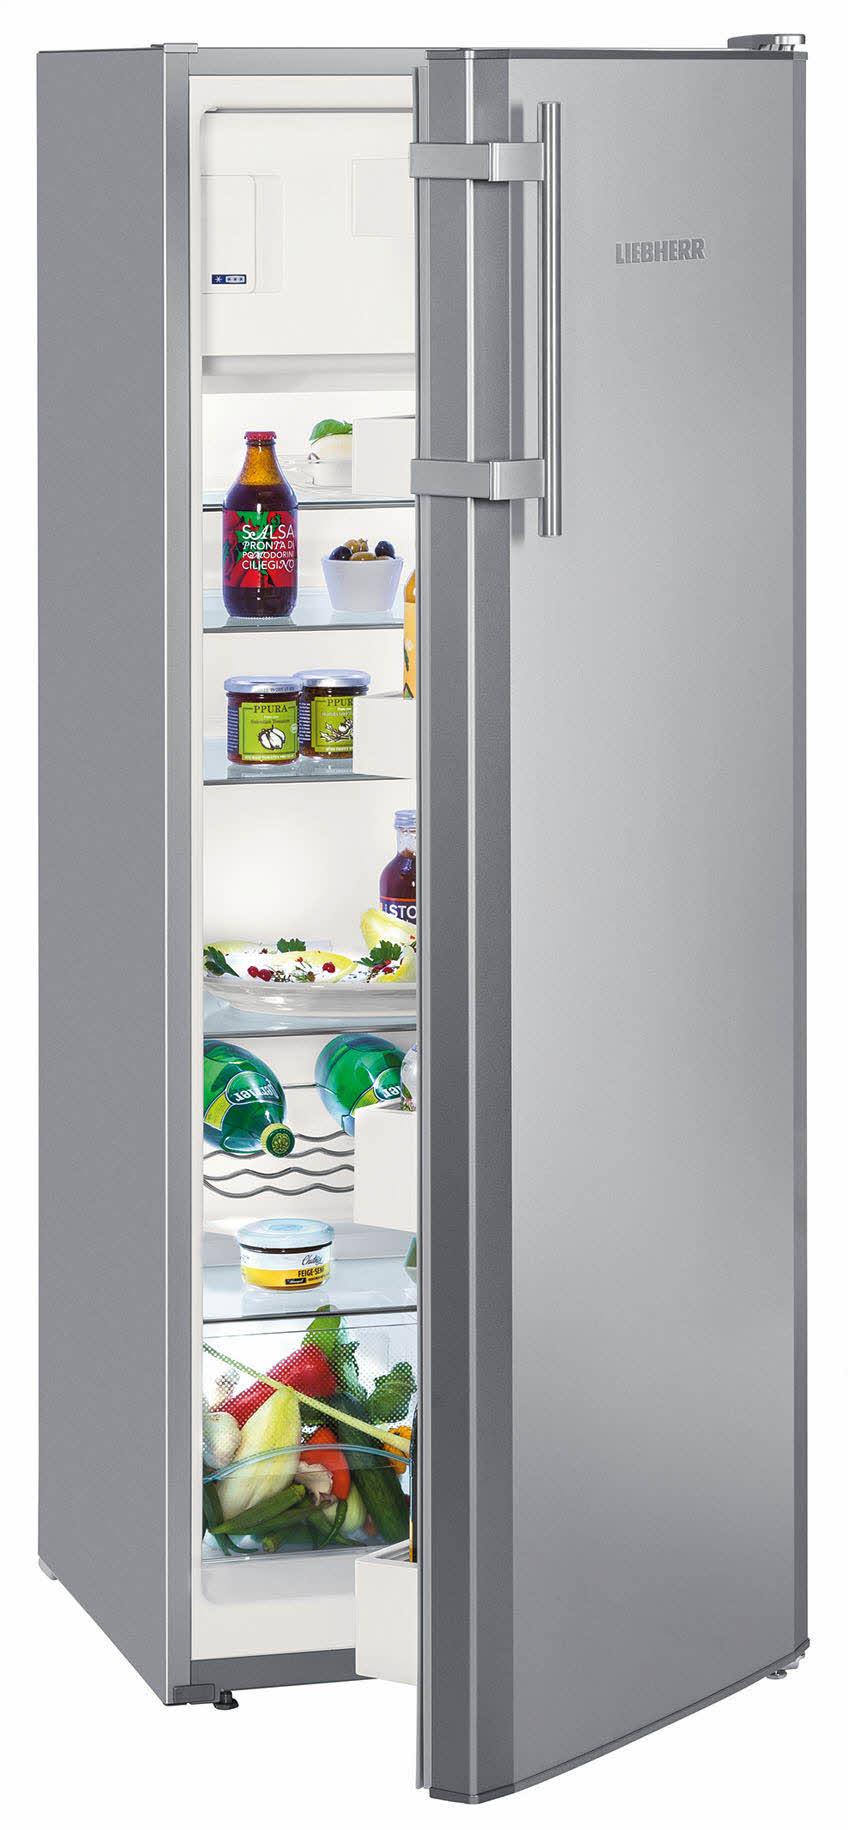 Liebherr Ksl2814 koelkast zilver